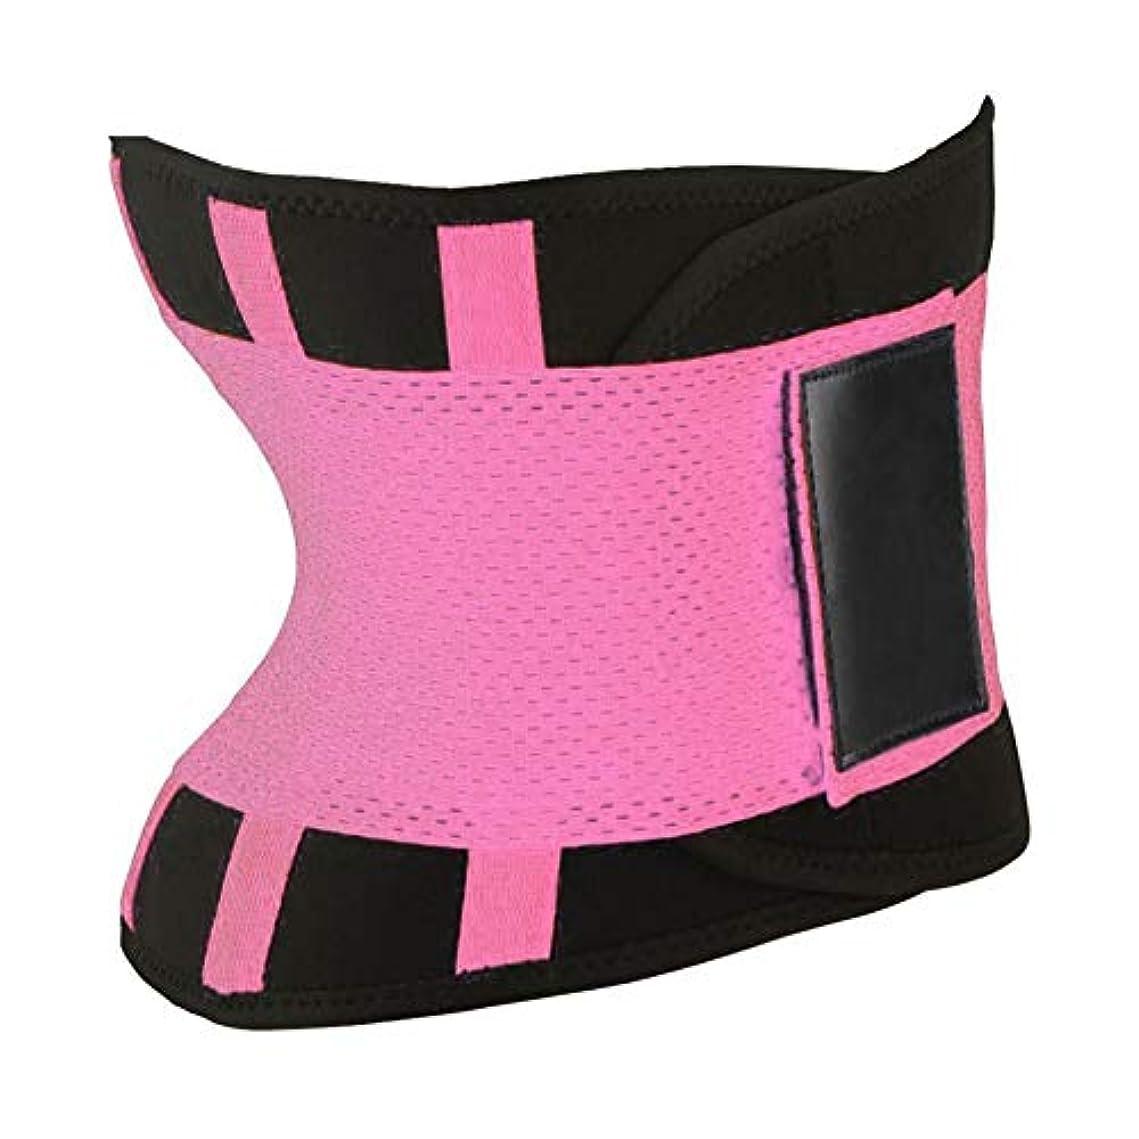 強調する眠り練習快適な女性ボディシェイパー痩身シェイパーベルトスポーツ女性ウエストトレーナーニッパー制御バーニングボディおなかベルト - ピンク2xl